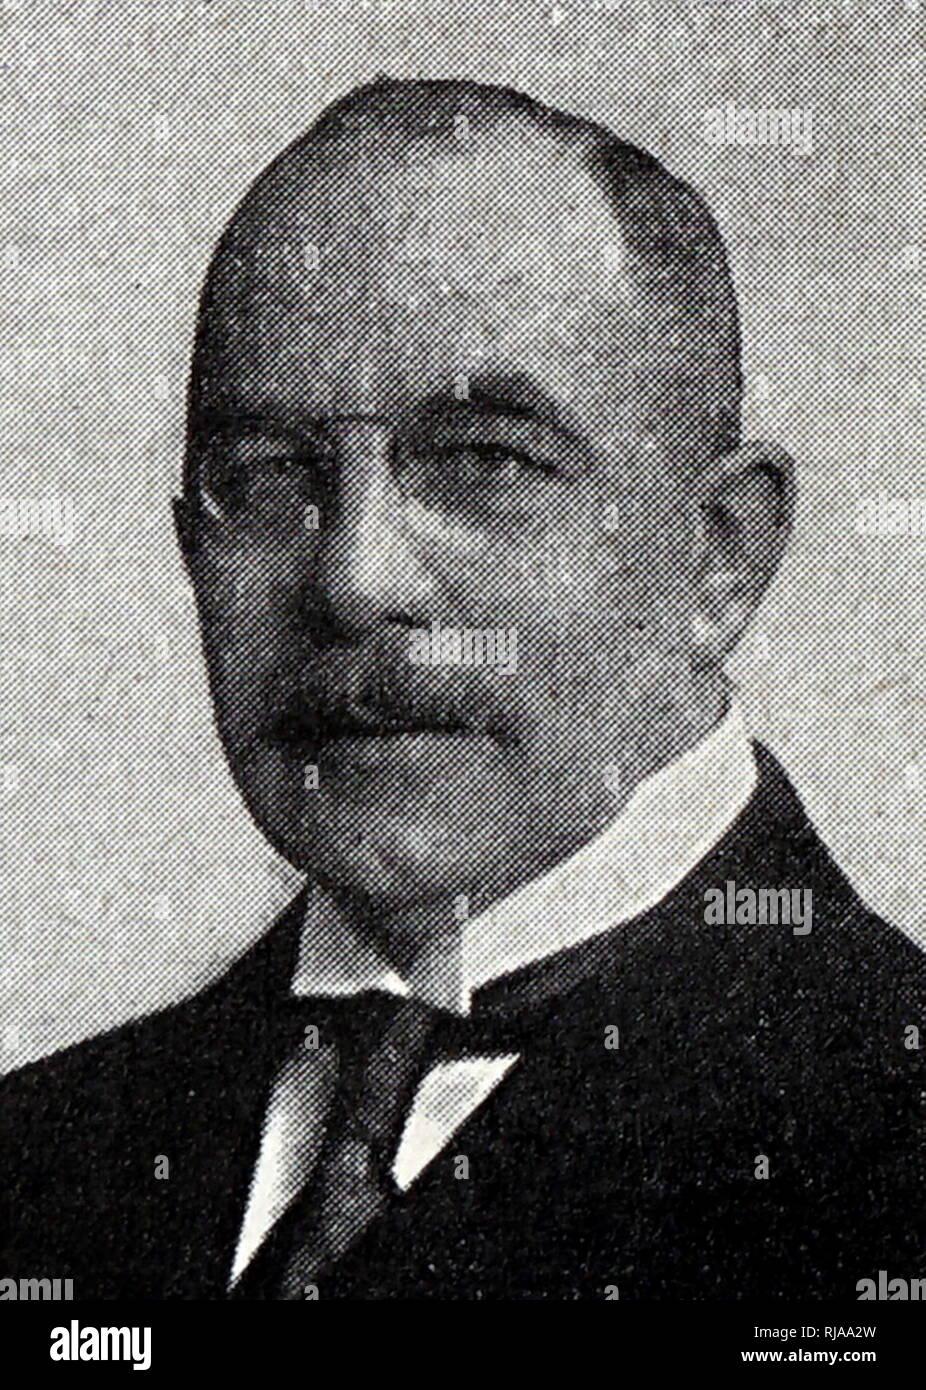 Presidente de la Asociación Alemana de Boxeo Amateur durante los 1932 Juegos Olímpicos de Verano de Los Angeles. Del siglo XX. Imagen De Stock